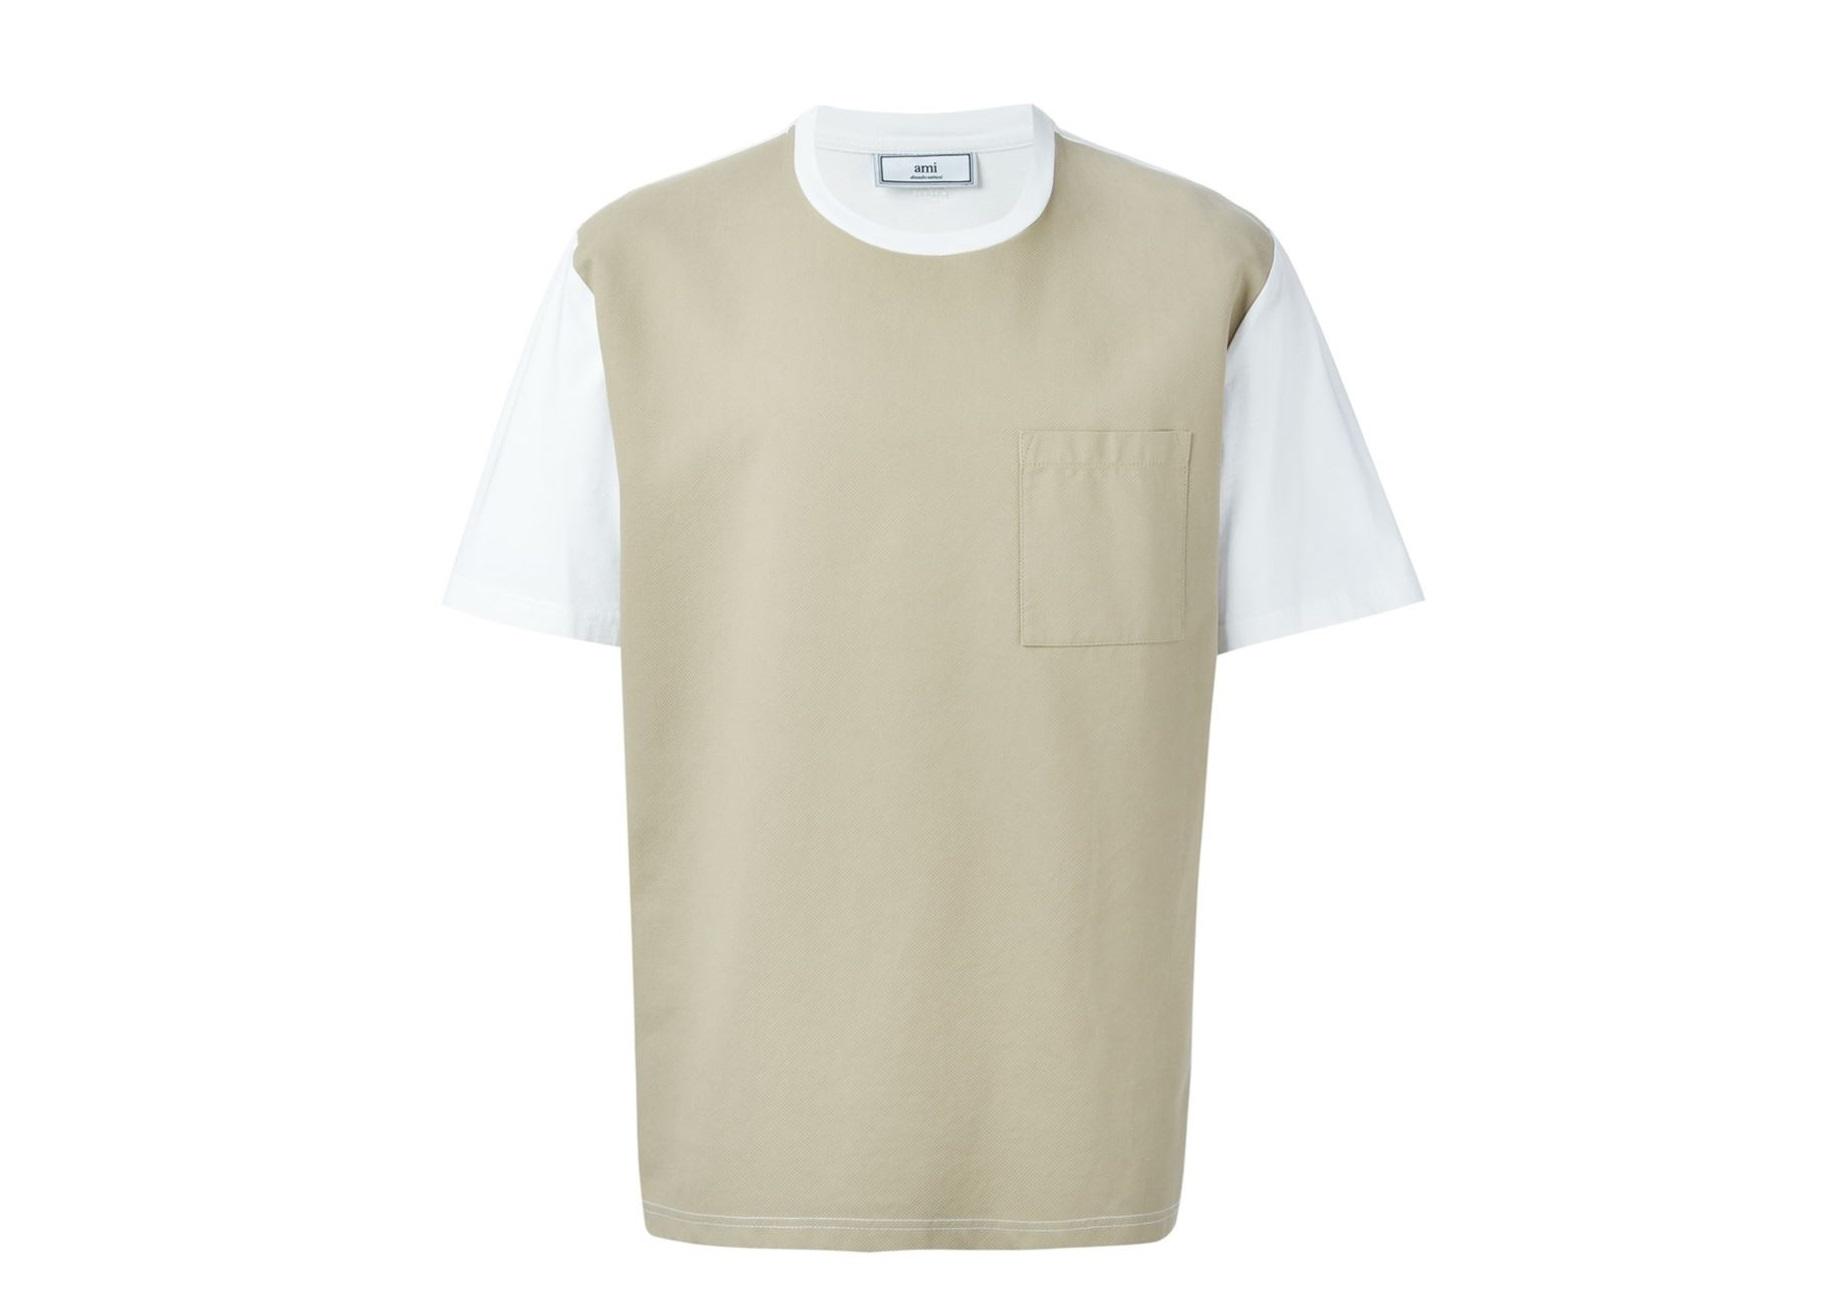 ハイブランド夏ファッションアイテム (4)